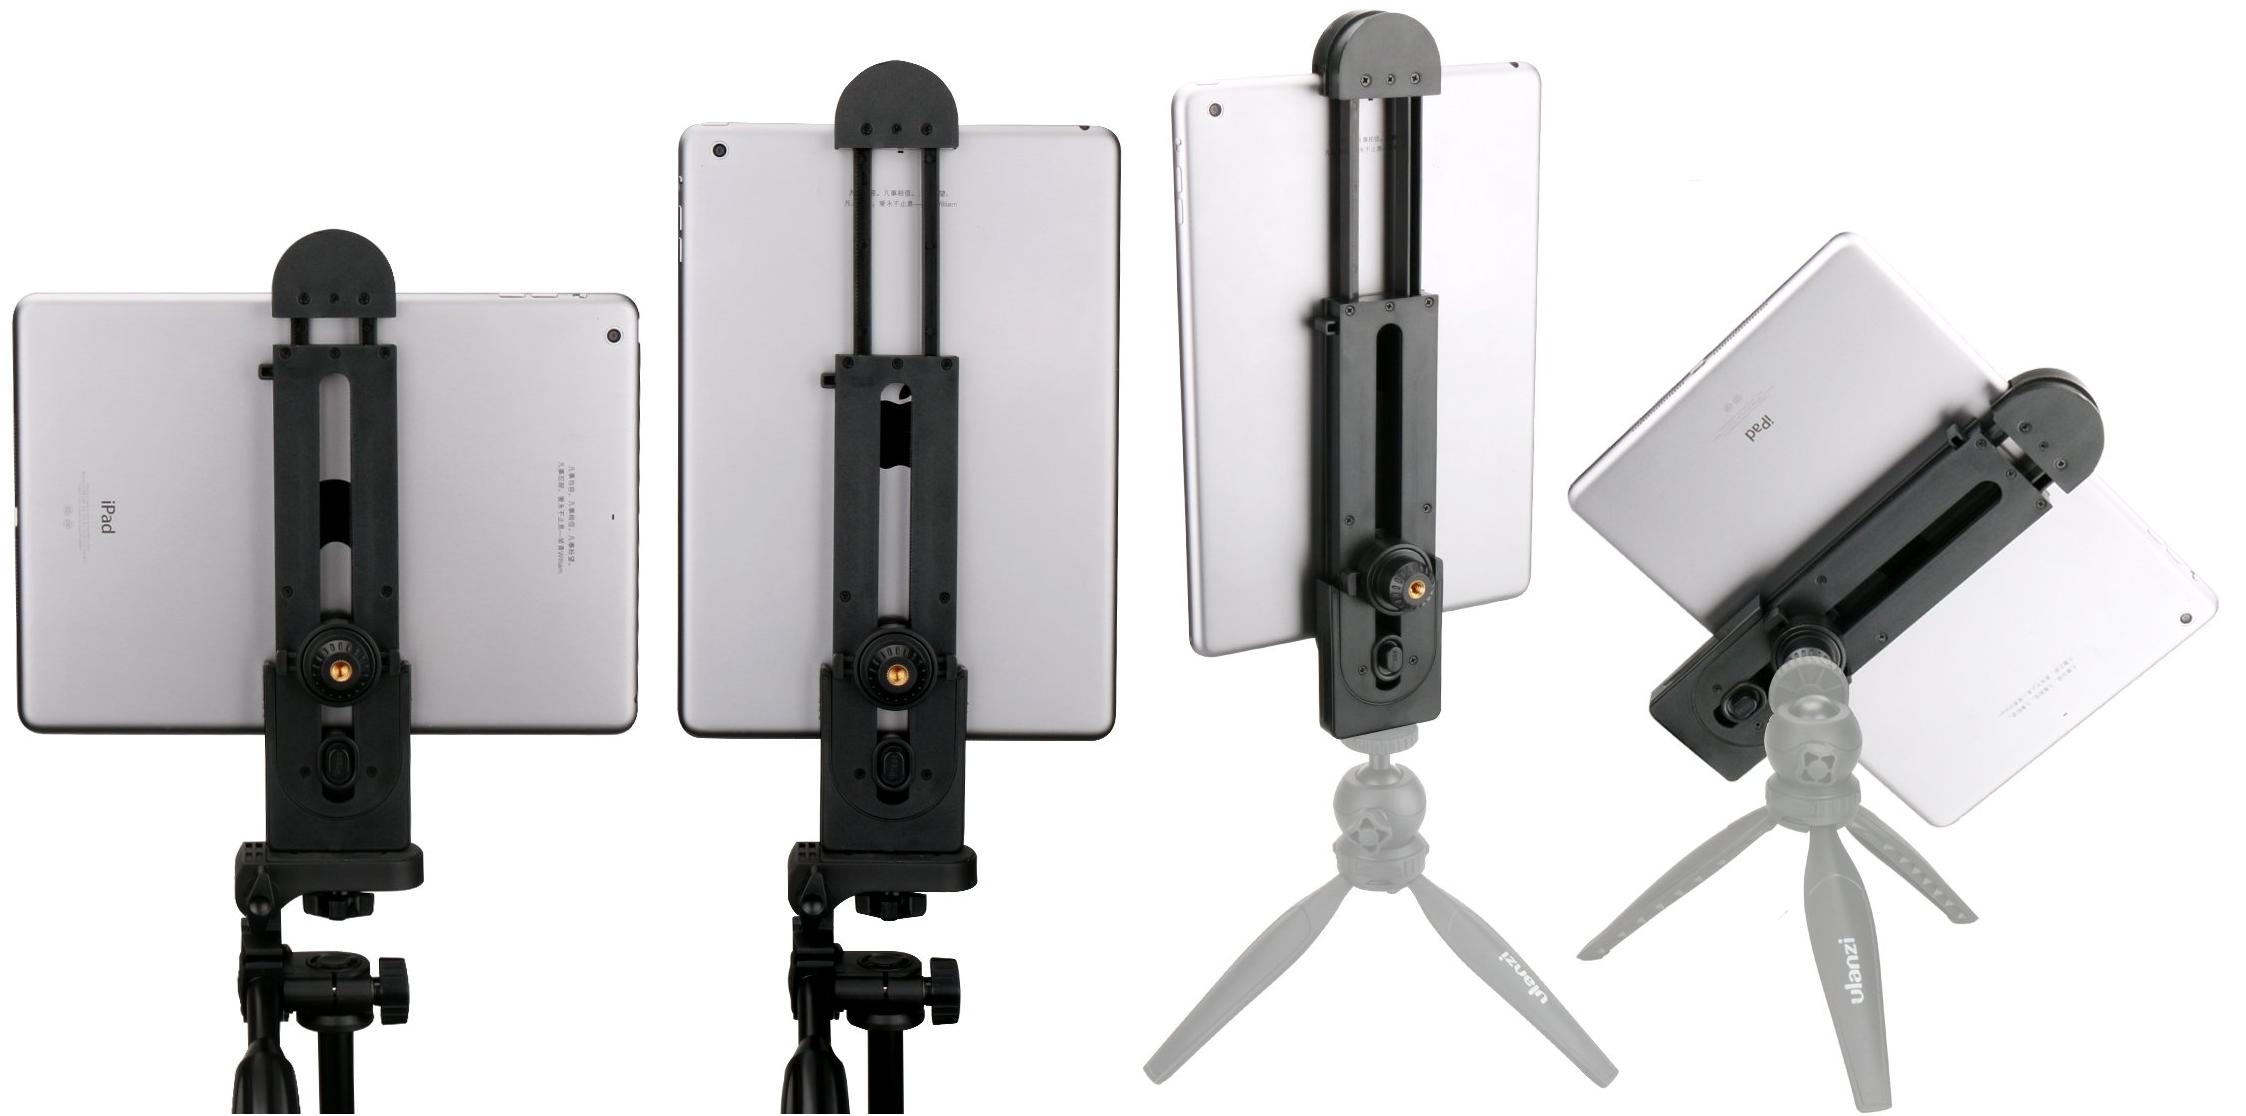 фото применение Ulanzi U-pad держателя для планшета